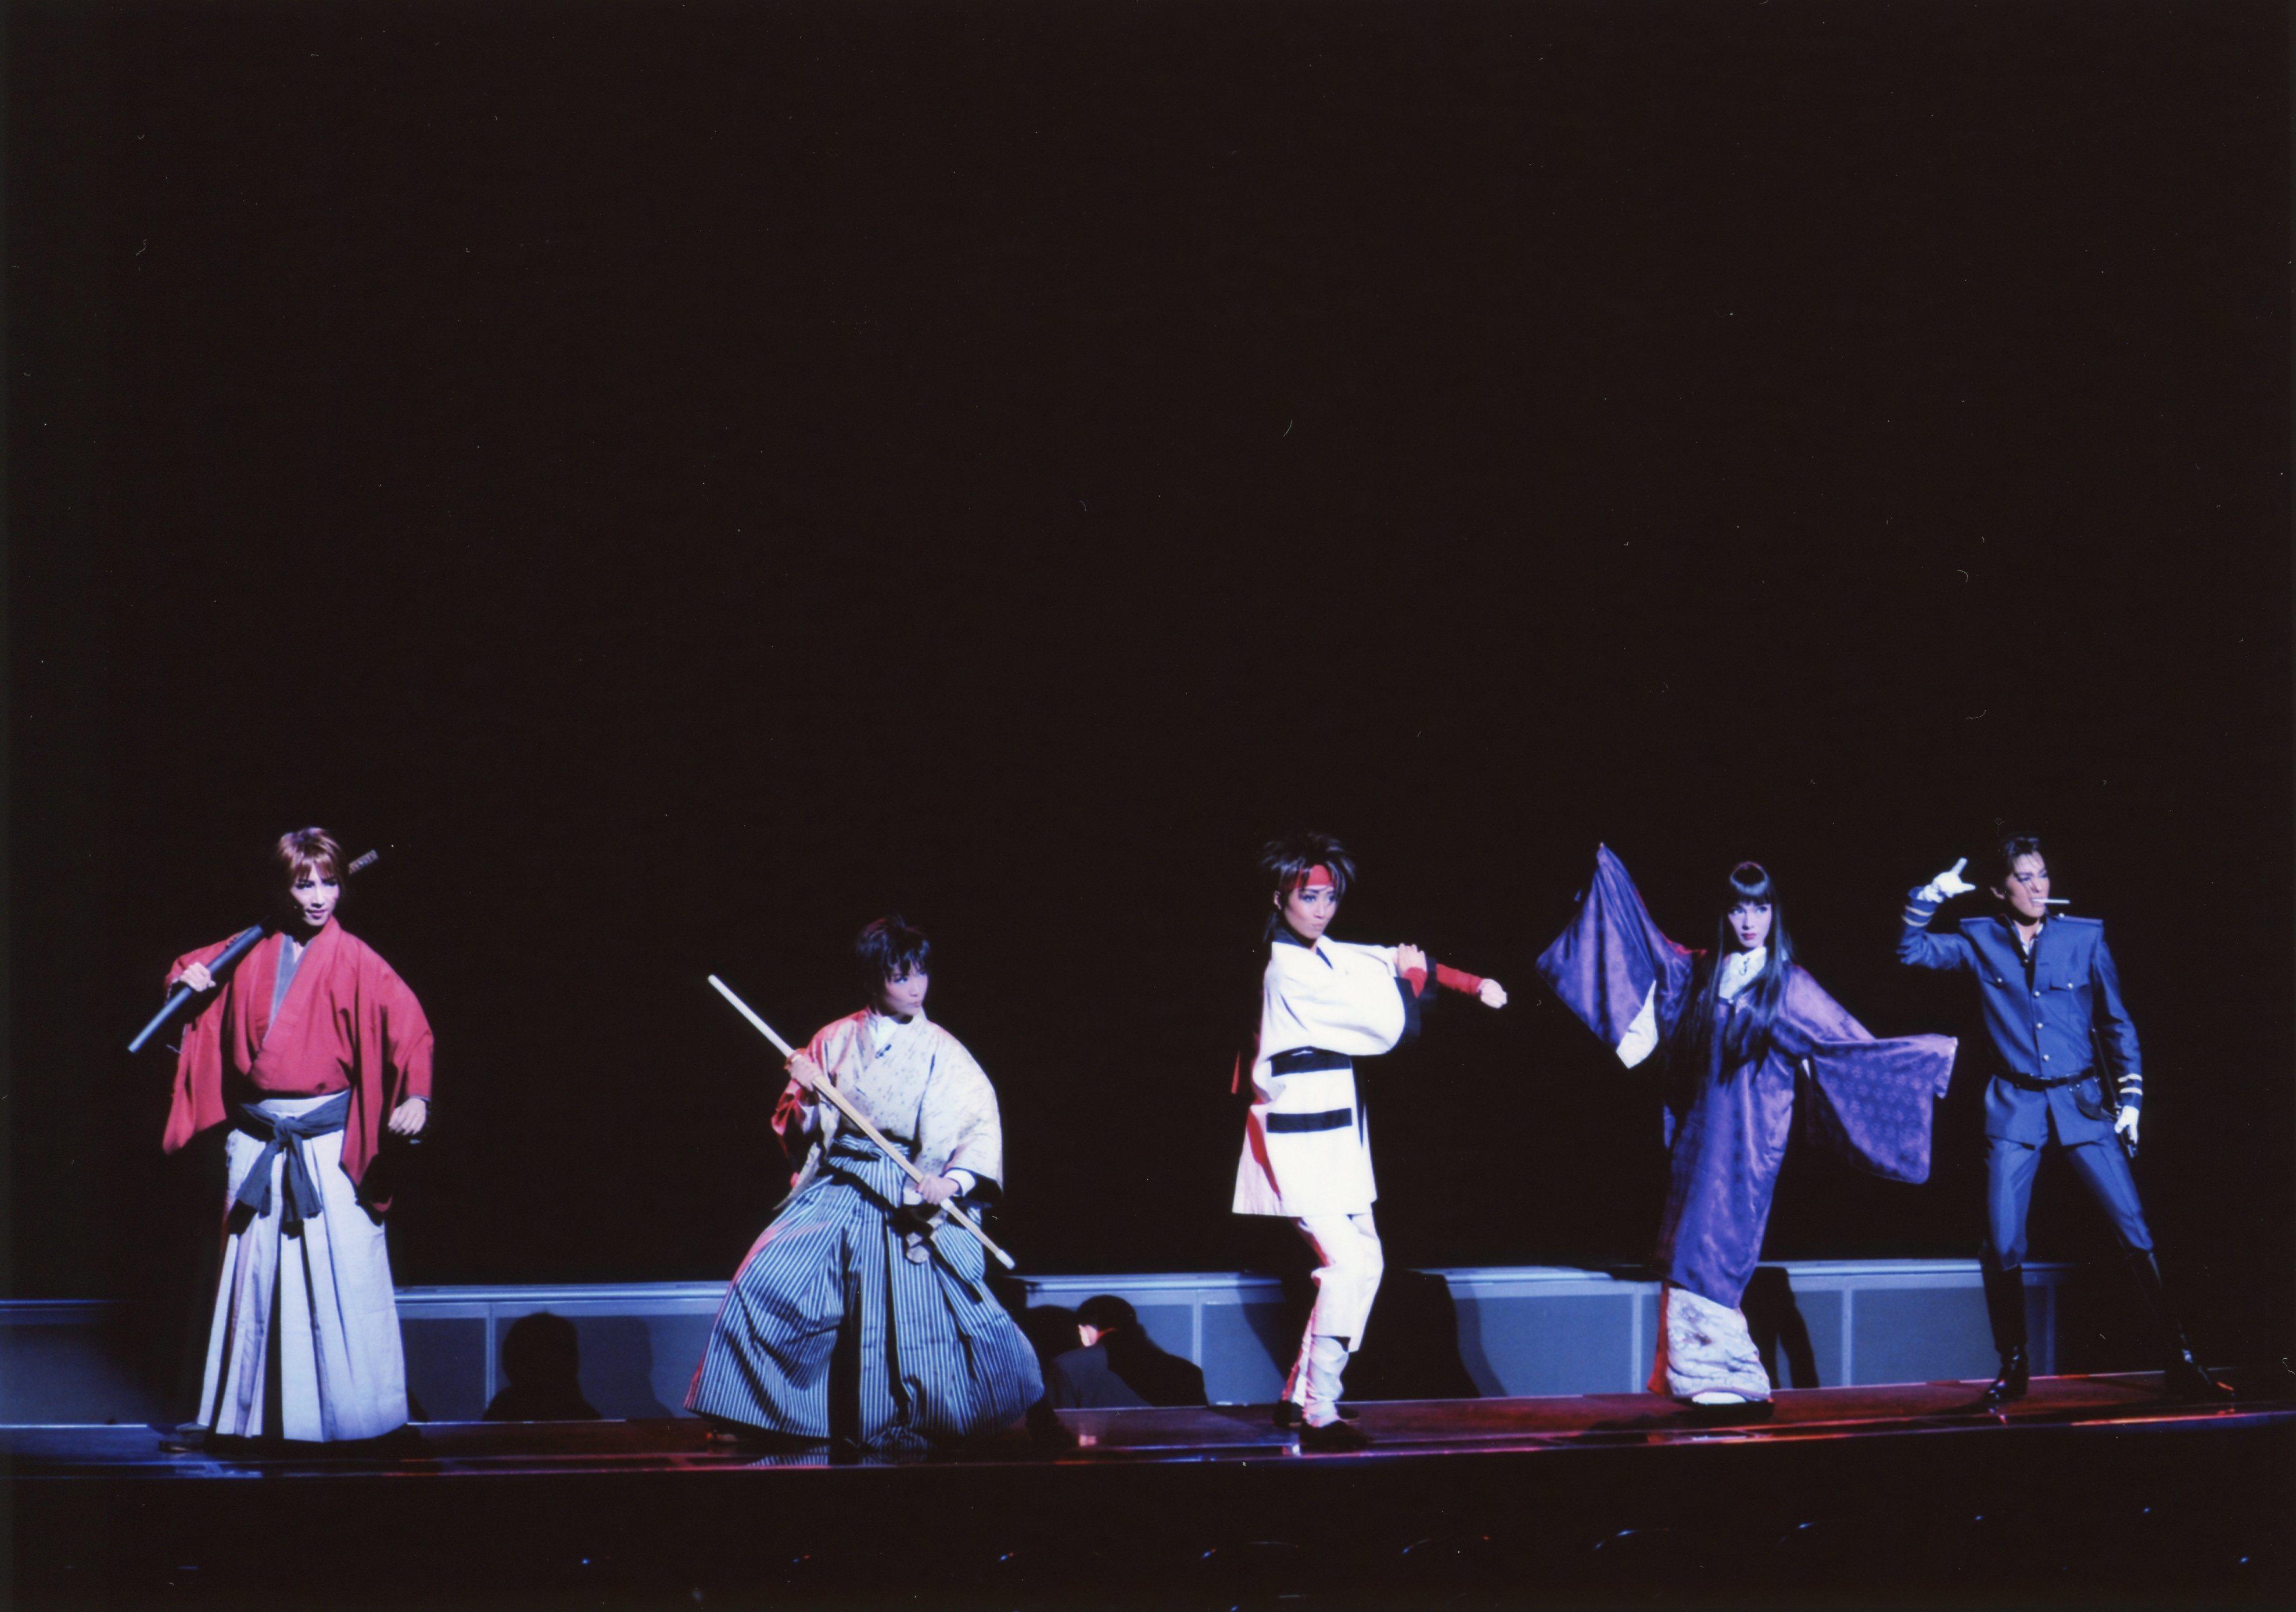 宝塚歌劇雪組『るろうに剣心』 左から早霧せいな、彩みちる、鳳翔大、大湖せしる、彩風咲奈 ©宝塚歌劇団 禁転載